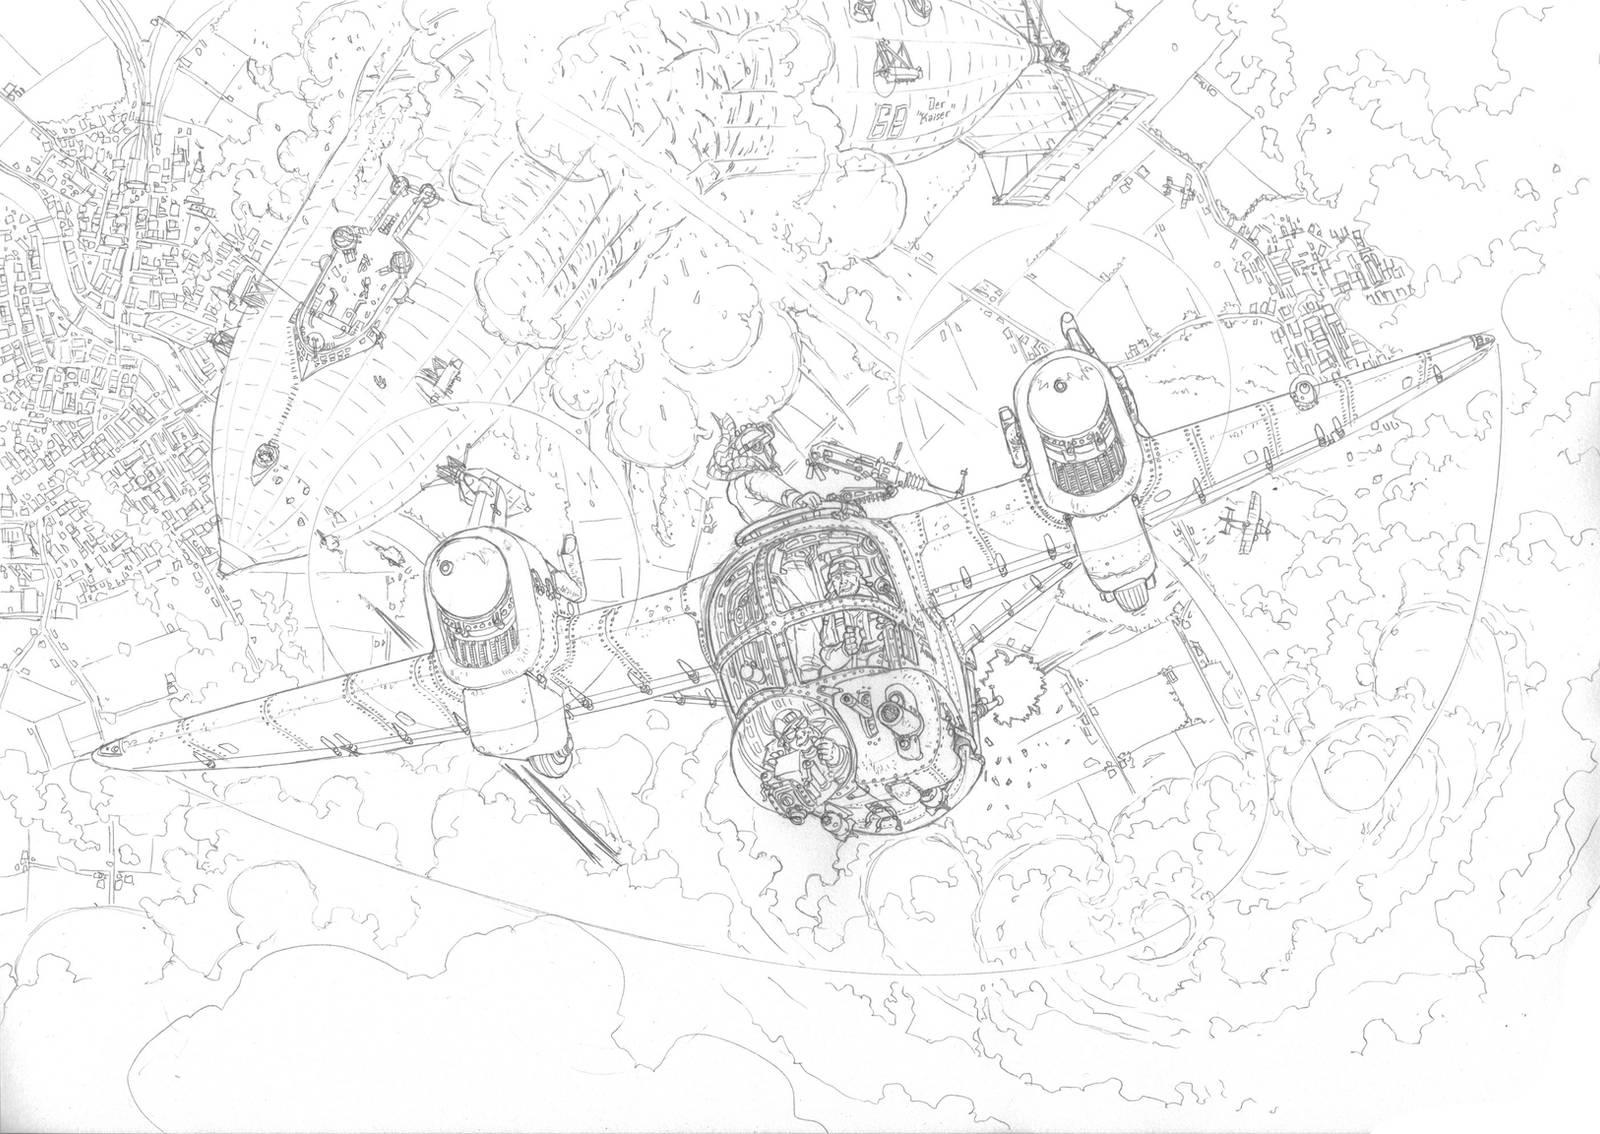 Zeppelin busters (WIP) by PenUser